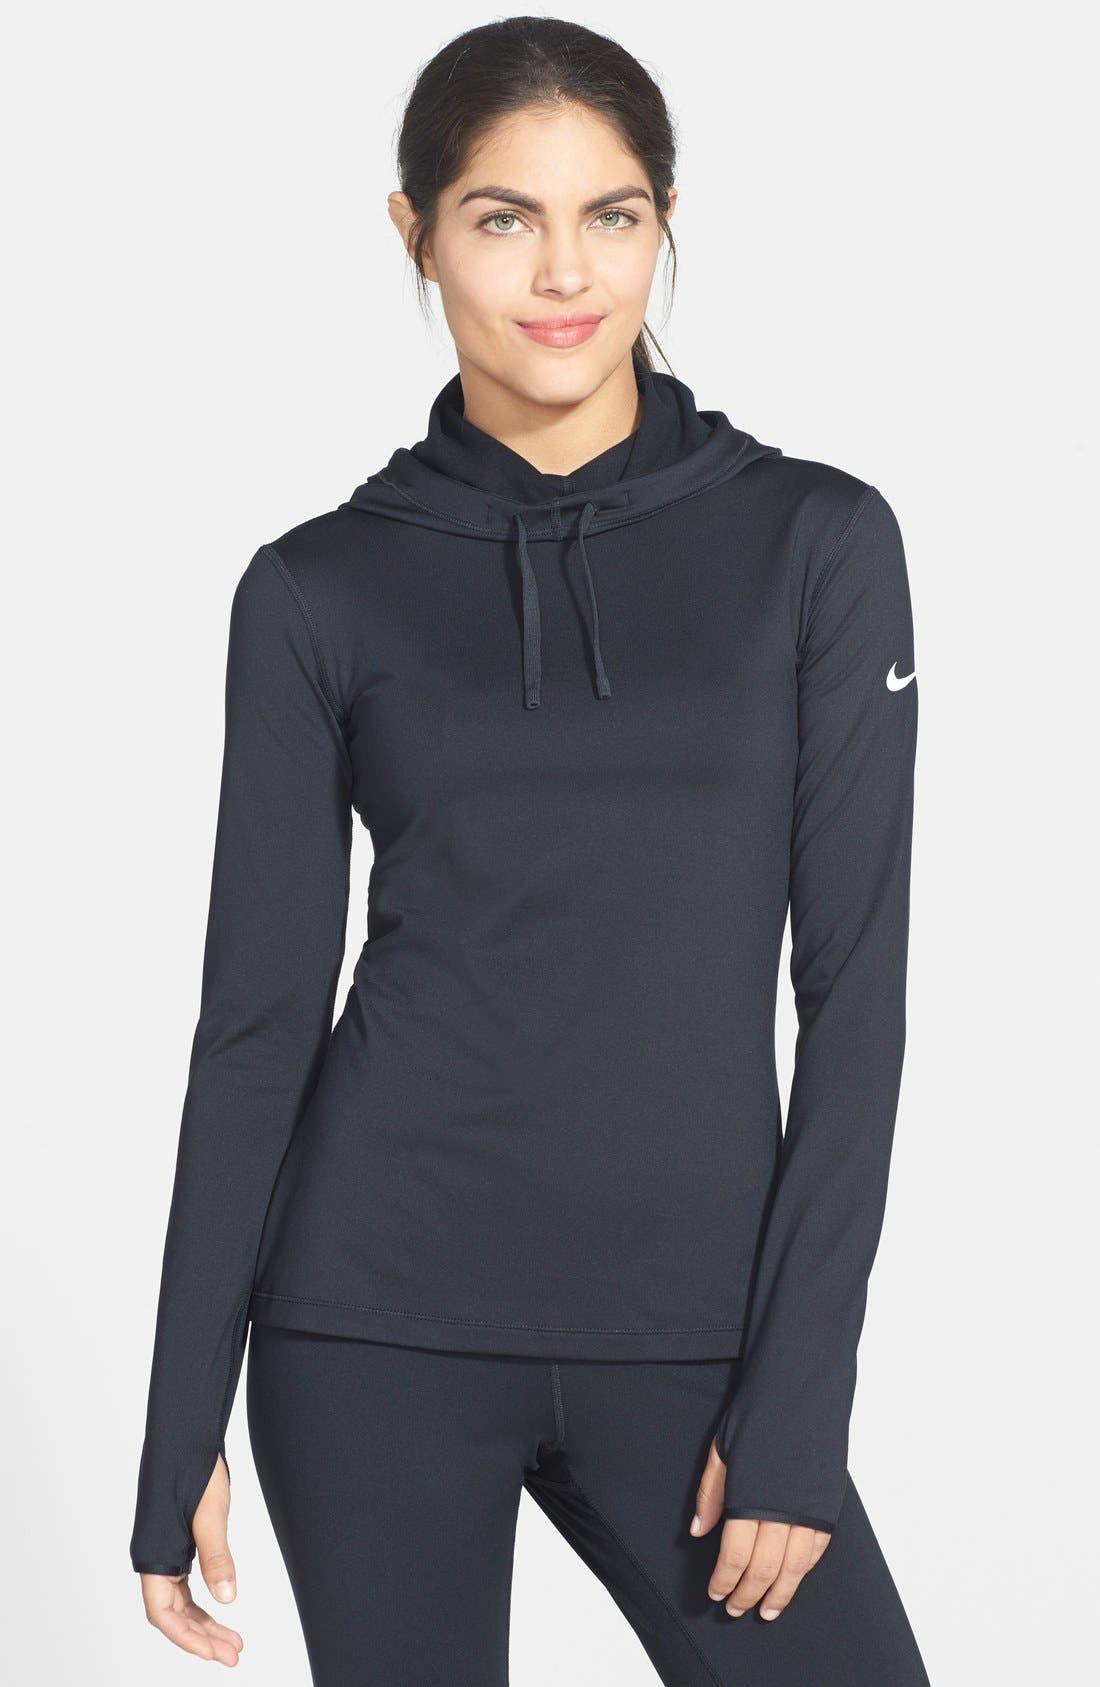 Alternate Image 1 Selected - Nike 'Pro Hyperwarm' Fitted Hoodie